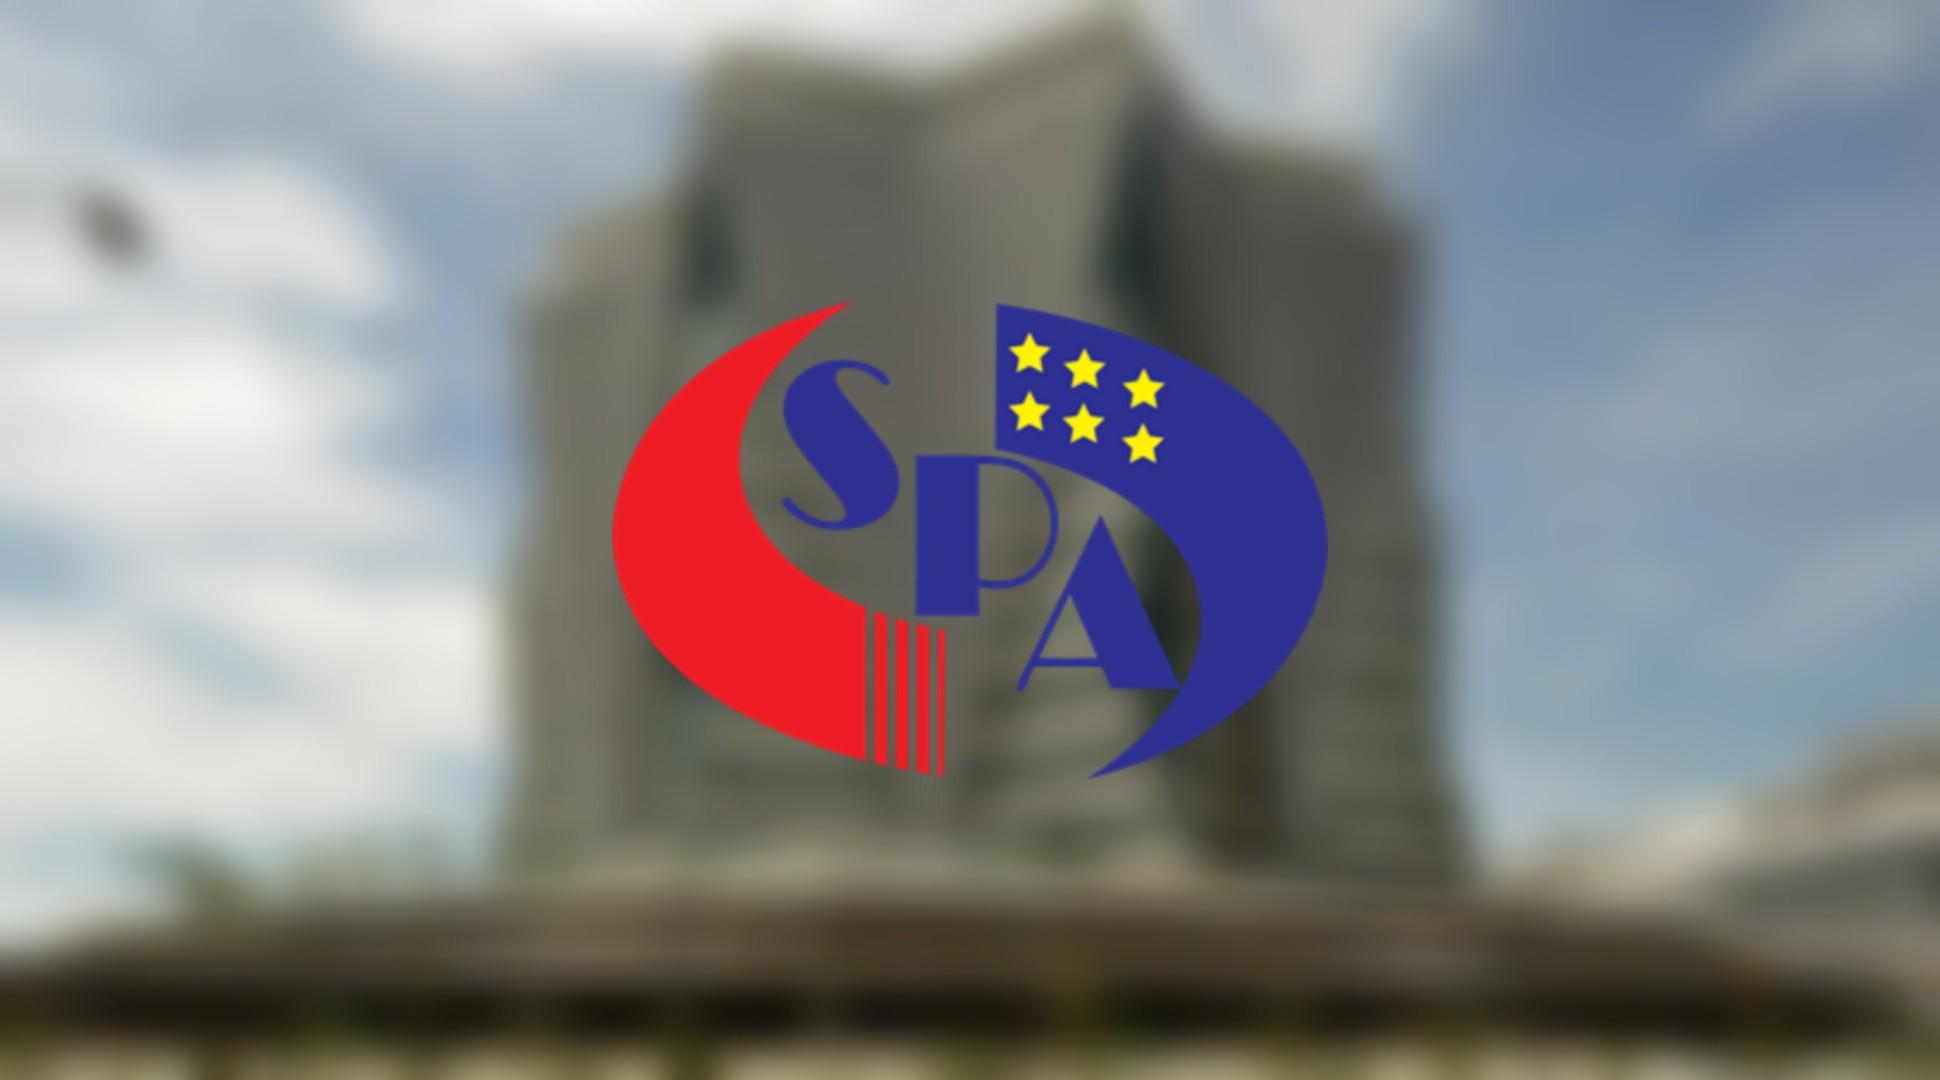 Semakan Status Permohonan SPA9 2020 Online